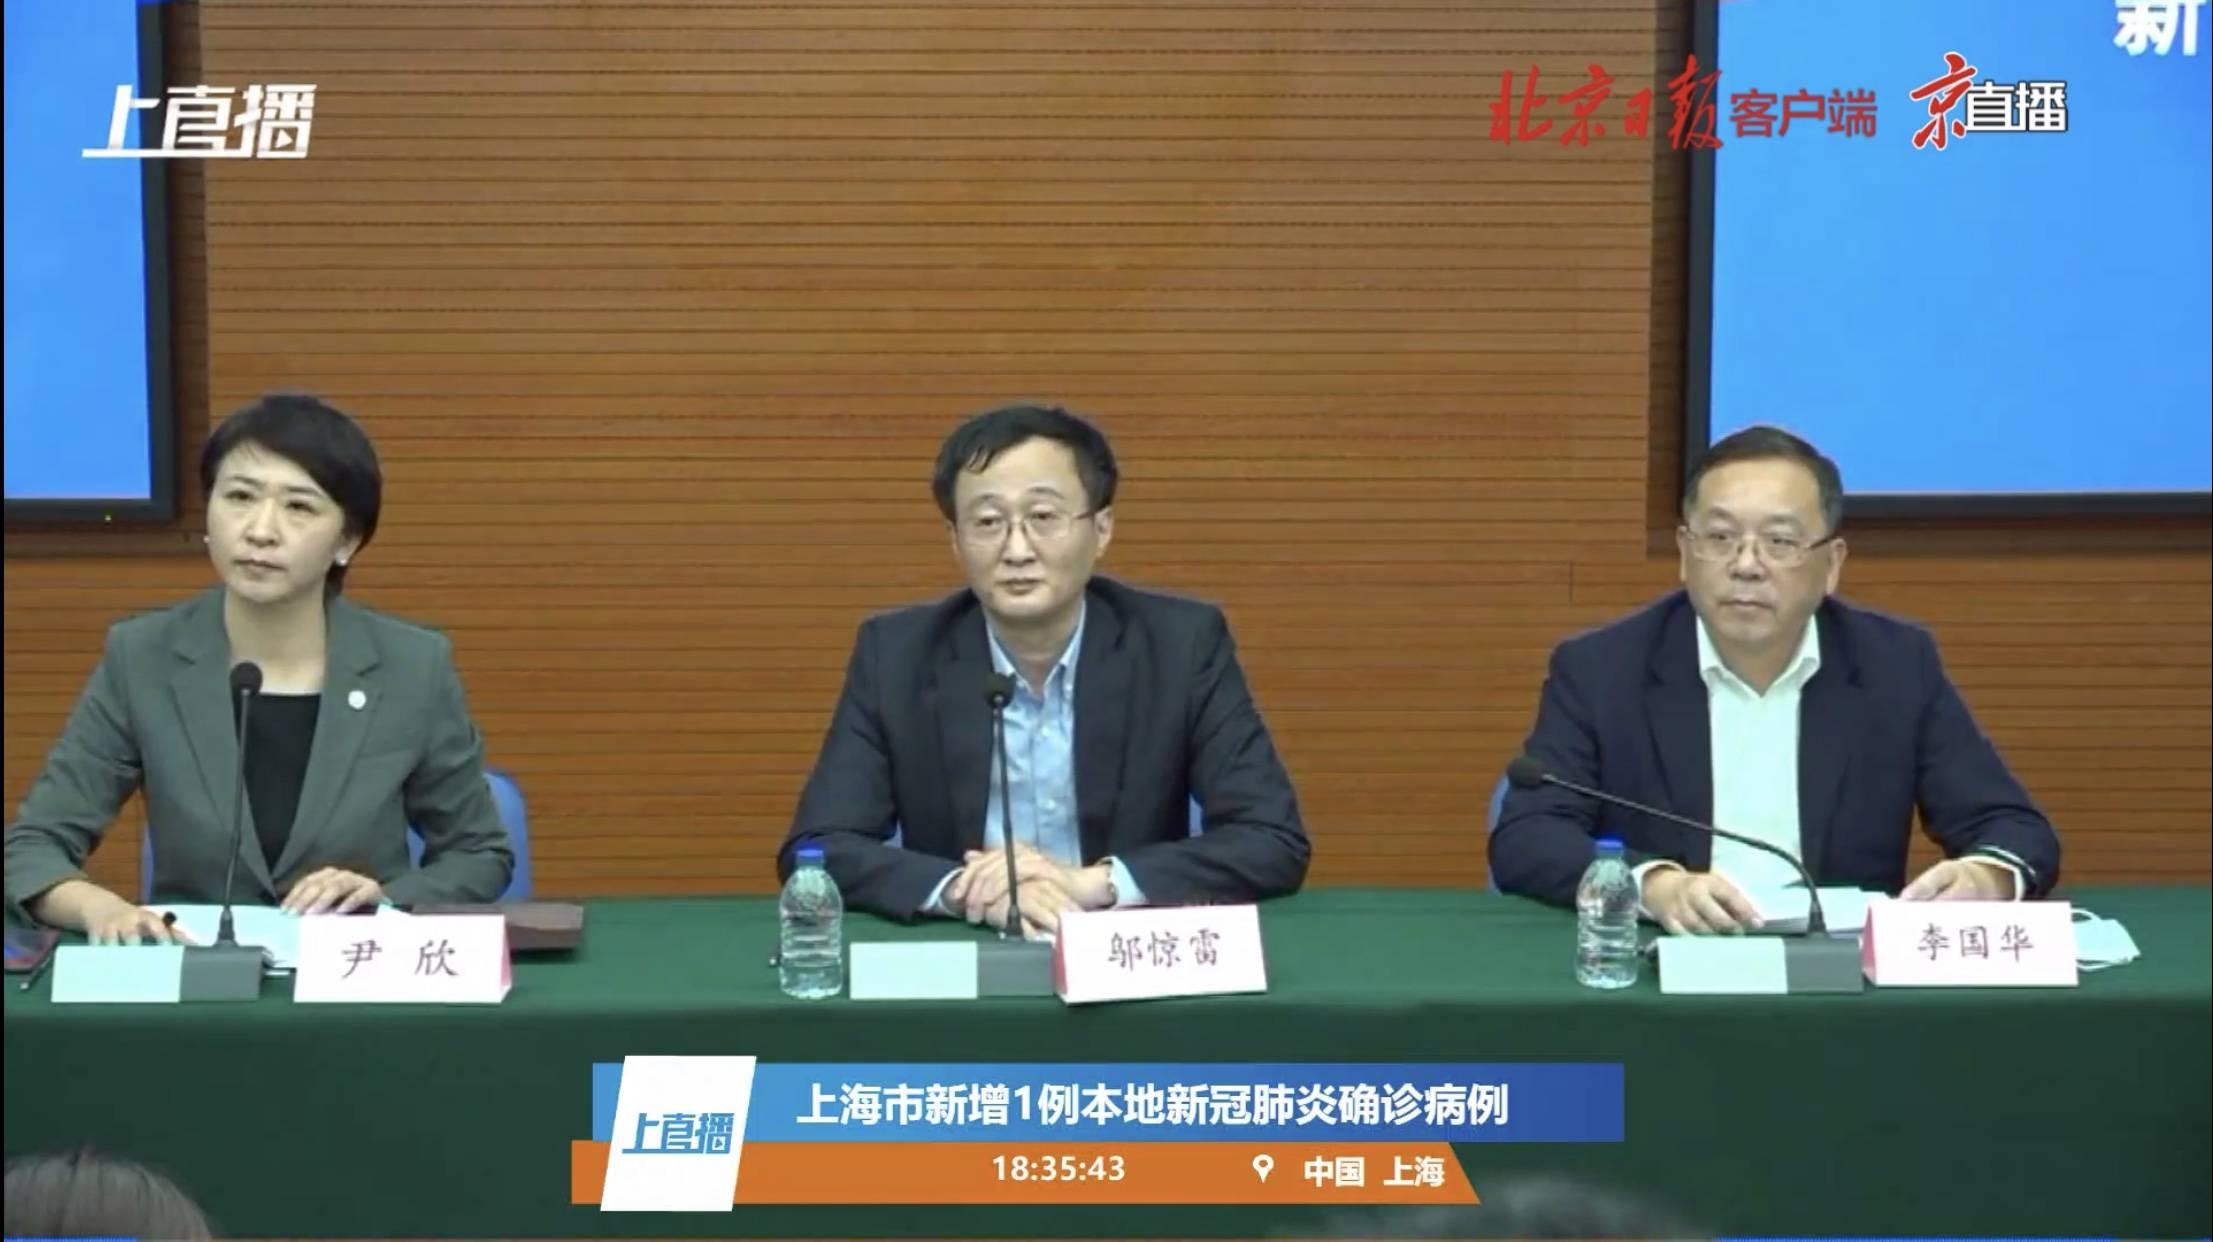 上海报告一例新冠肺炎确诊病例,轨迹跟踪